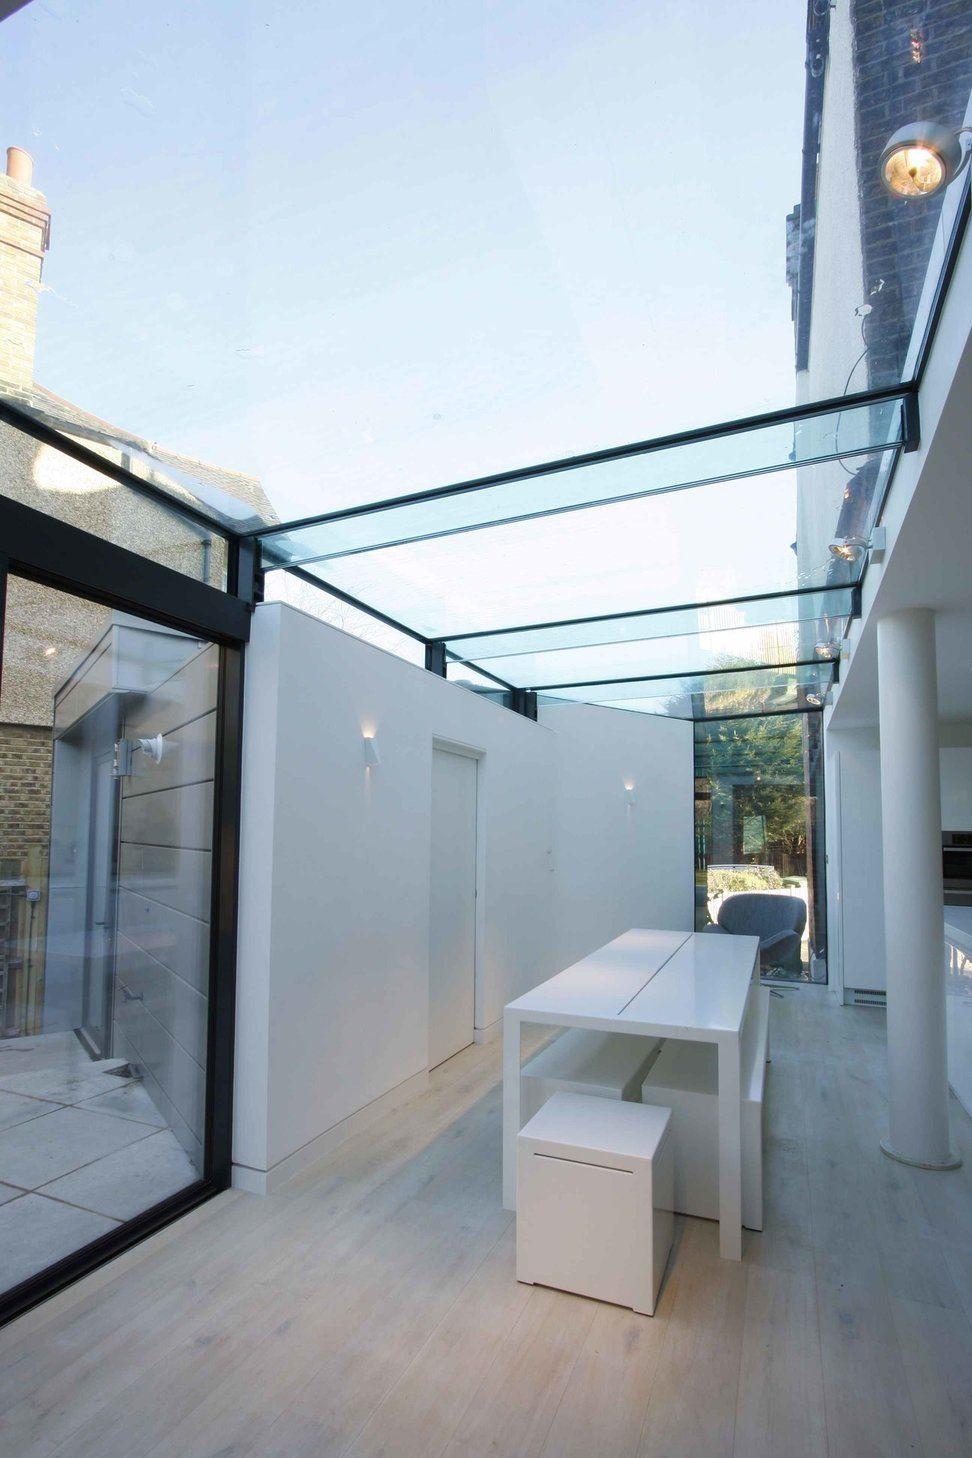 Estabeleça uma leve inclinação para os painéis de vidro